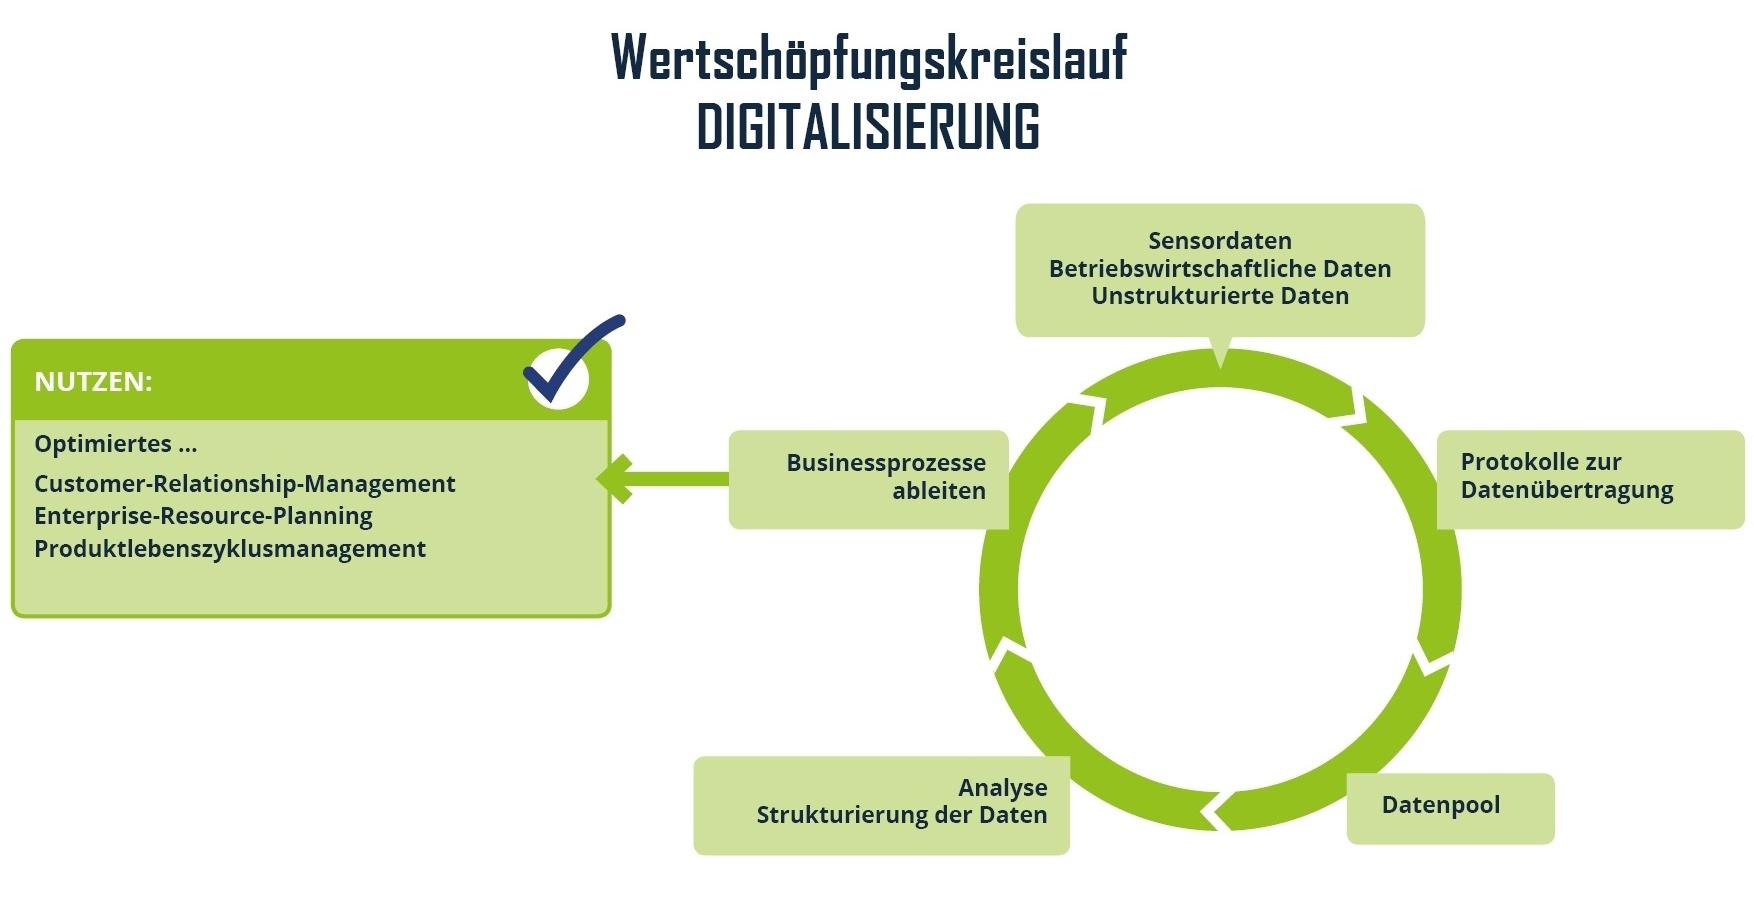 Wertschöpfungskreislauf Digitalisierung-118600-edited.jpg